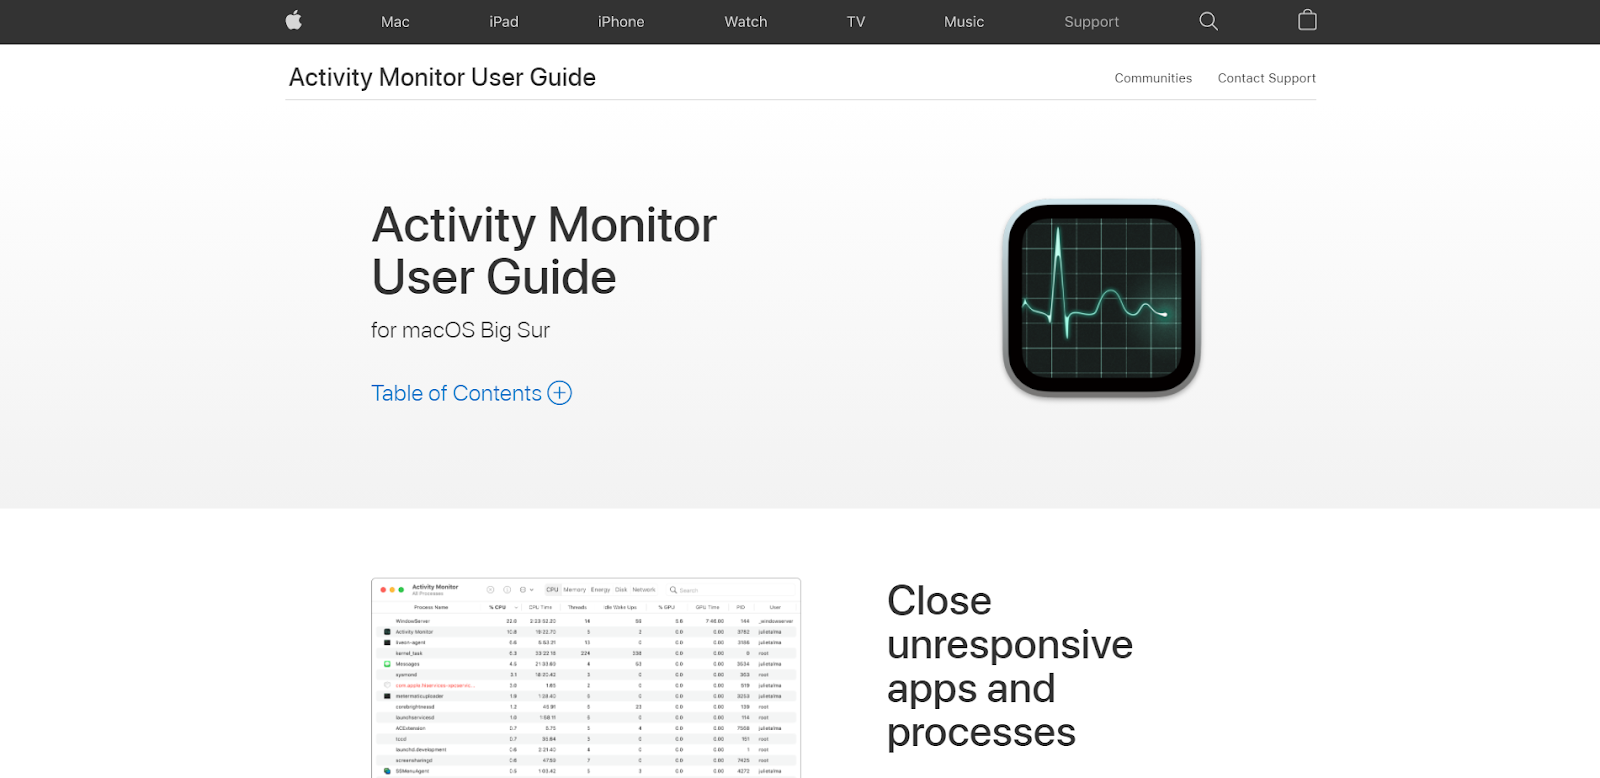 Mac Network Monitoring Software - Activity Monitor